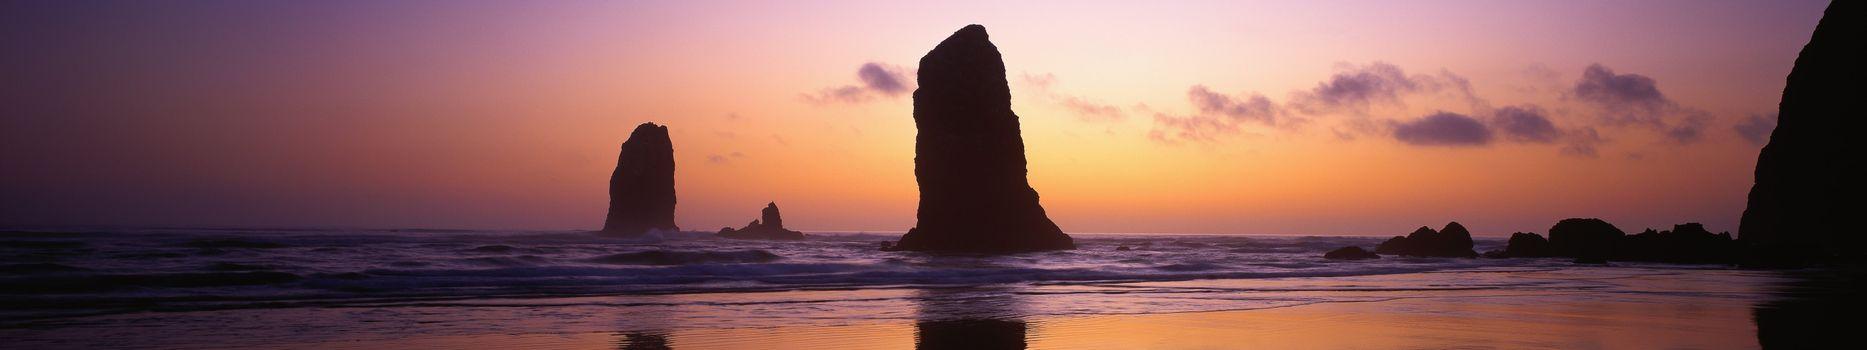 Фото бесплатно пляж, coucher, монитор, мульти, Роше, рок, экране, солнце, закат, тройные